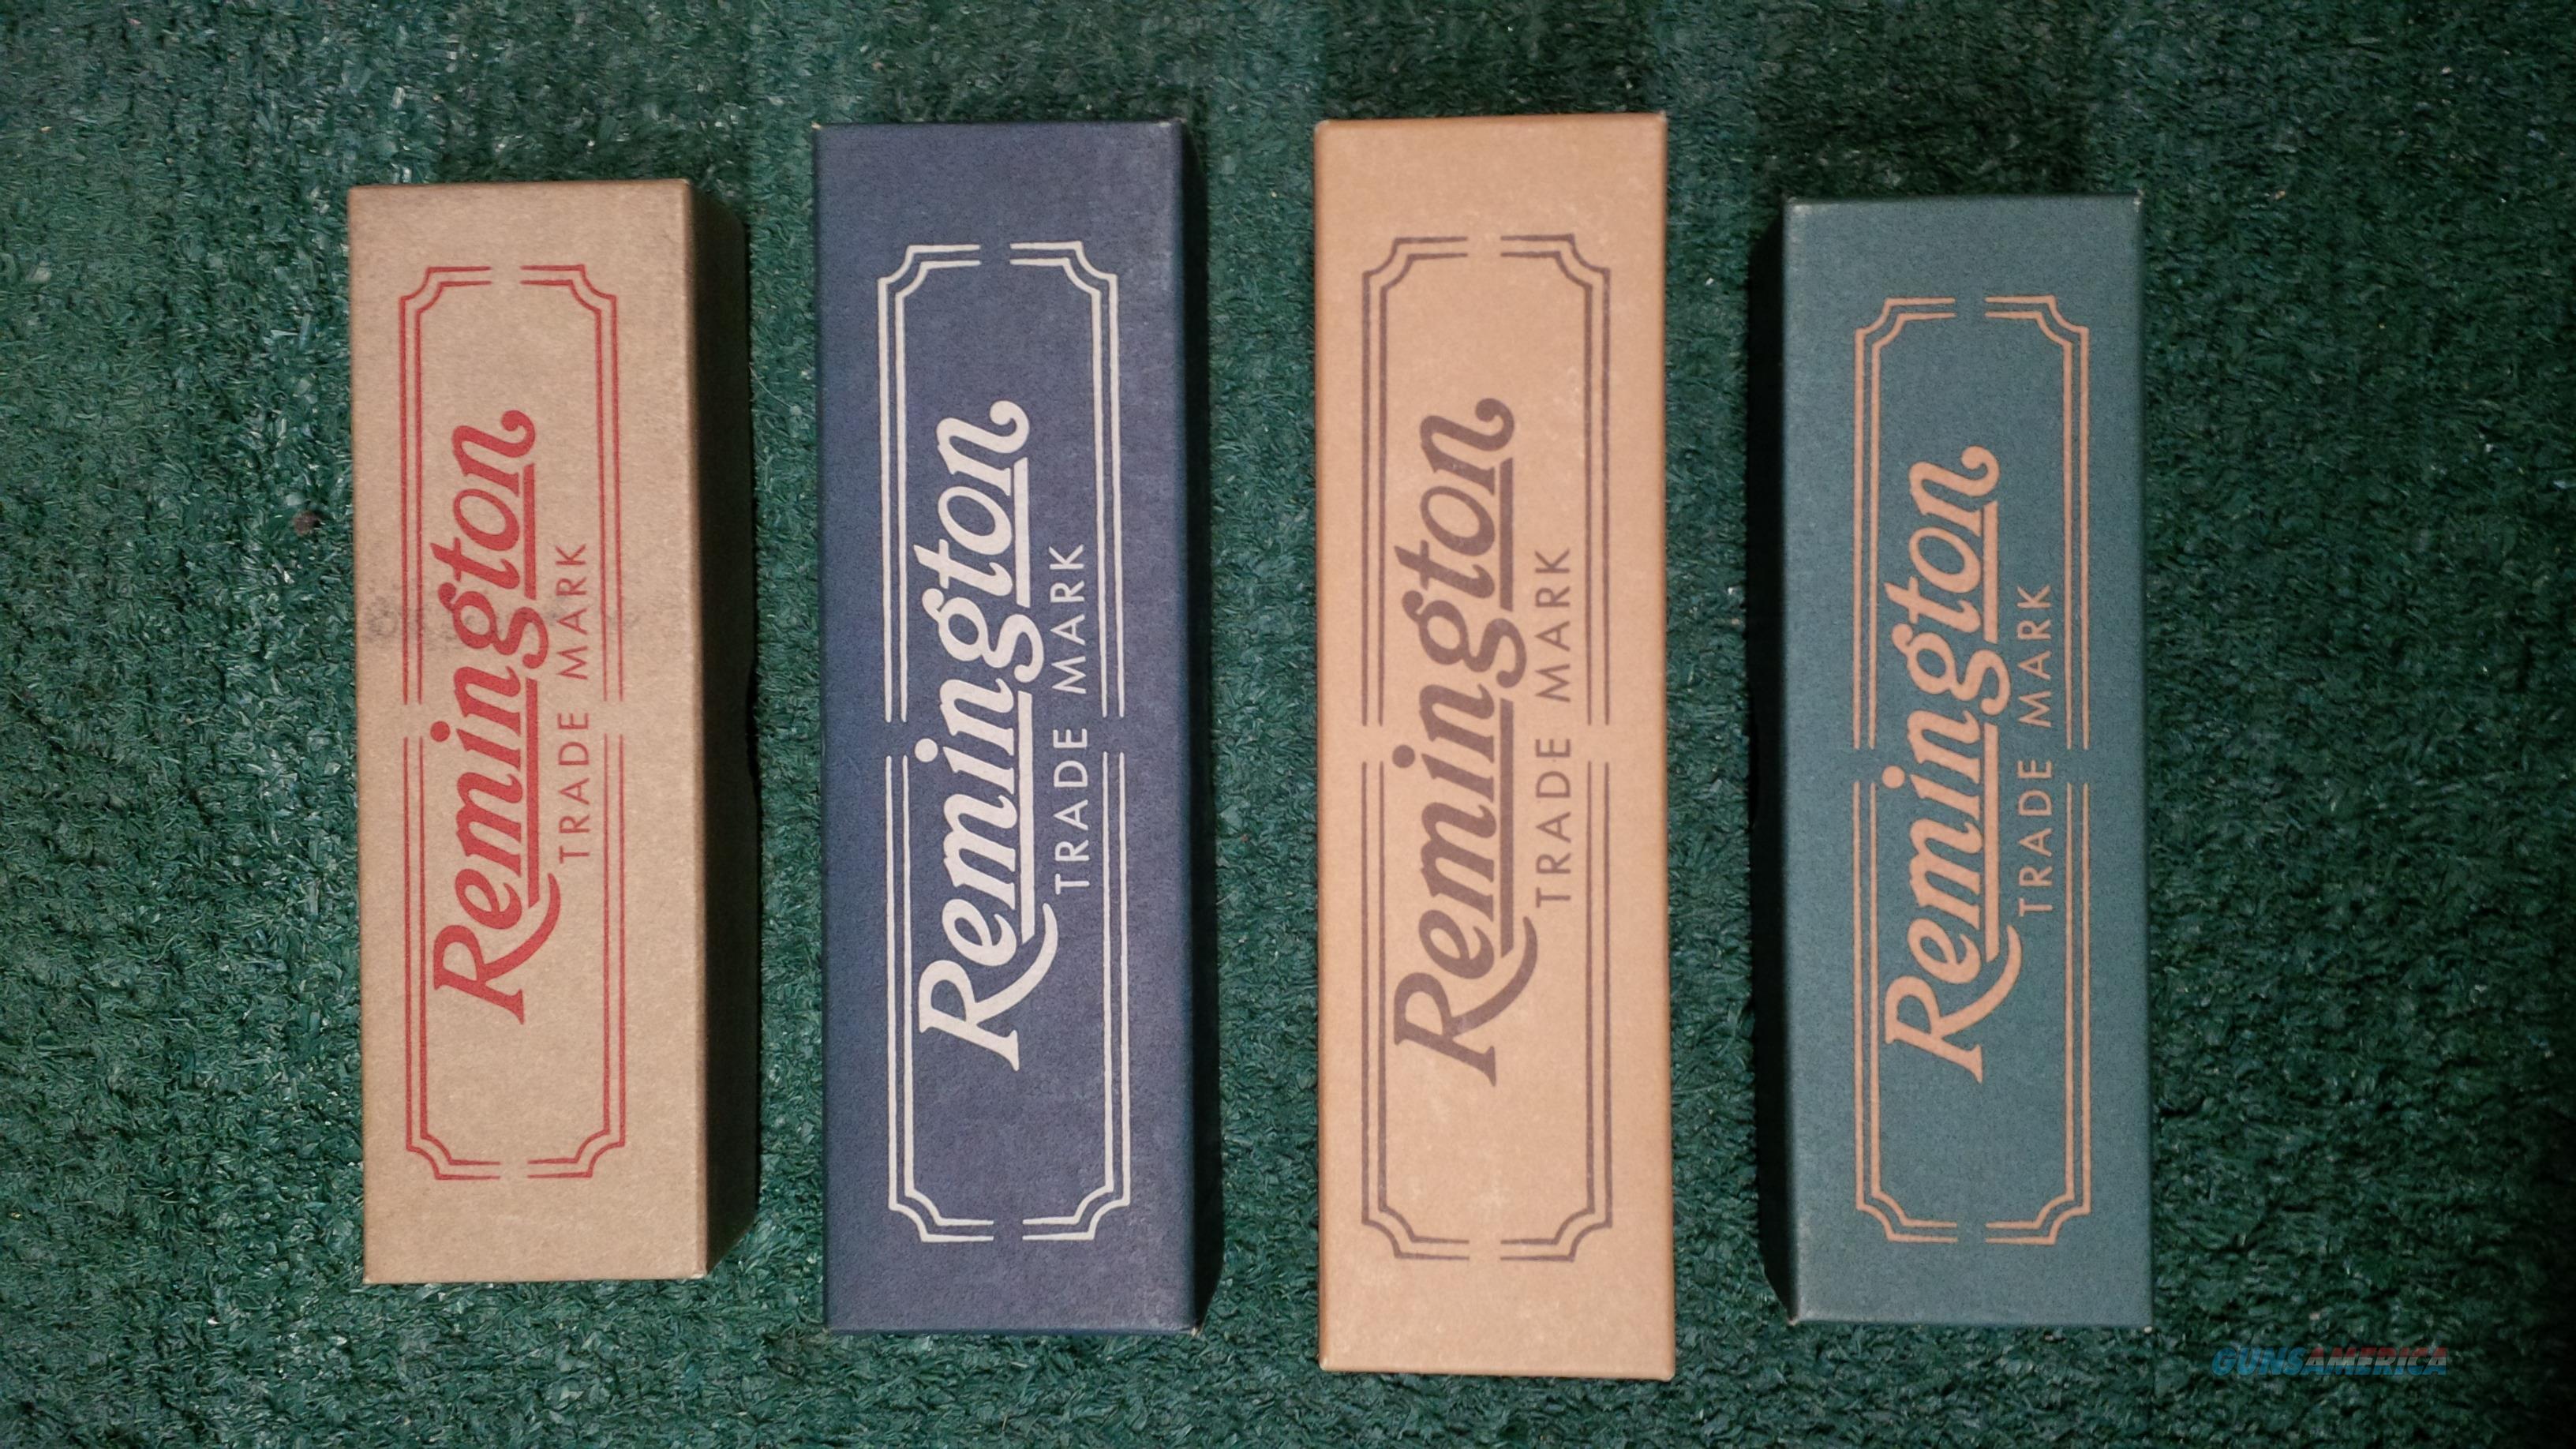 Remington Bullet Knives Collectors Editions 1993-1996  Non-Guns > Knives/Swords > Knives > Folding Blade > Hand Made